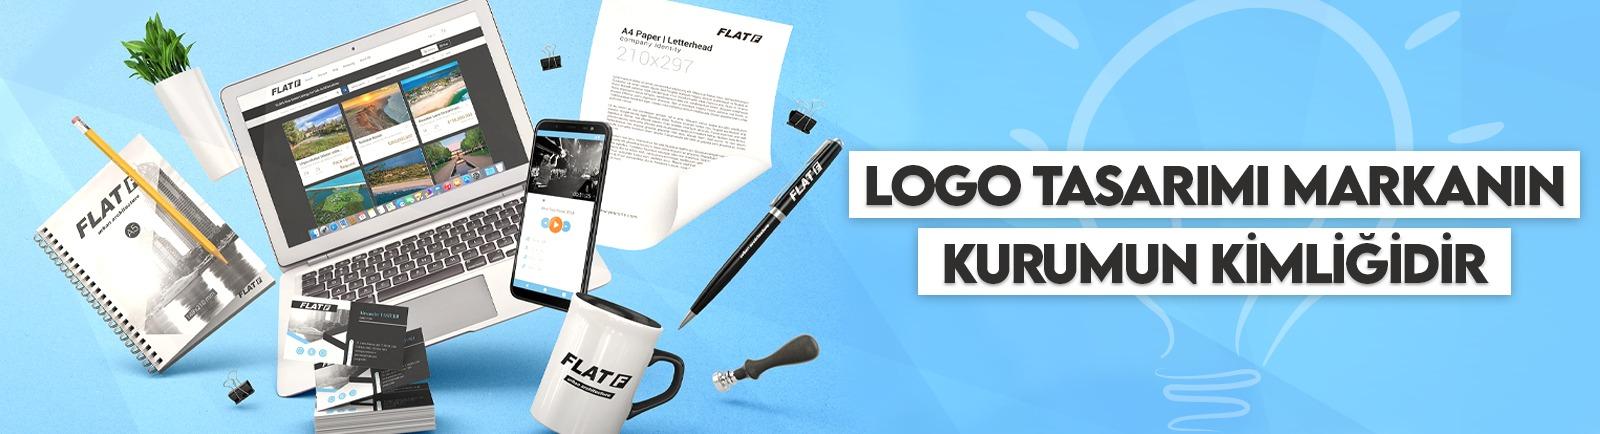 Logo Tasarımı Markanın / Kurumun Kimliğidir